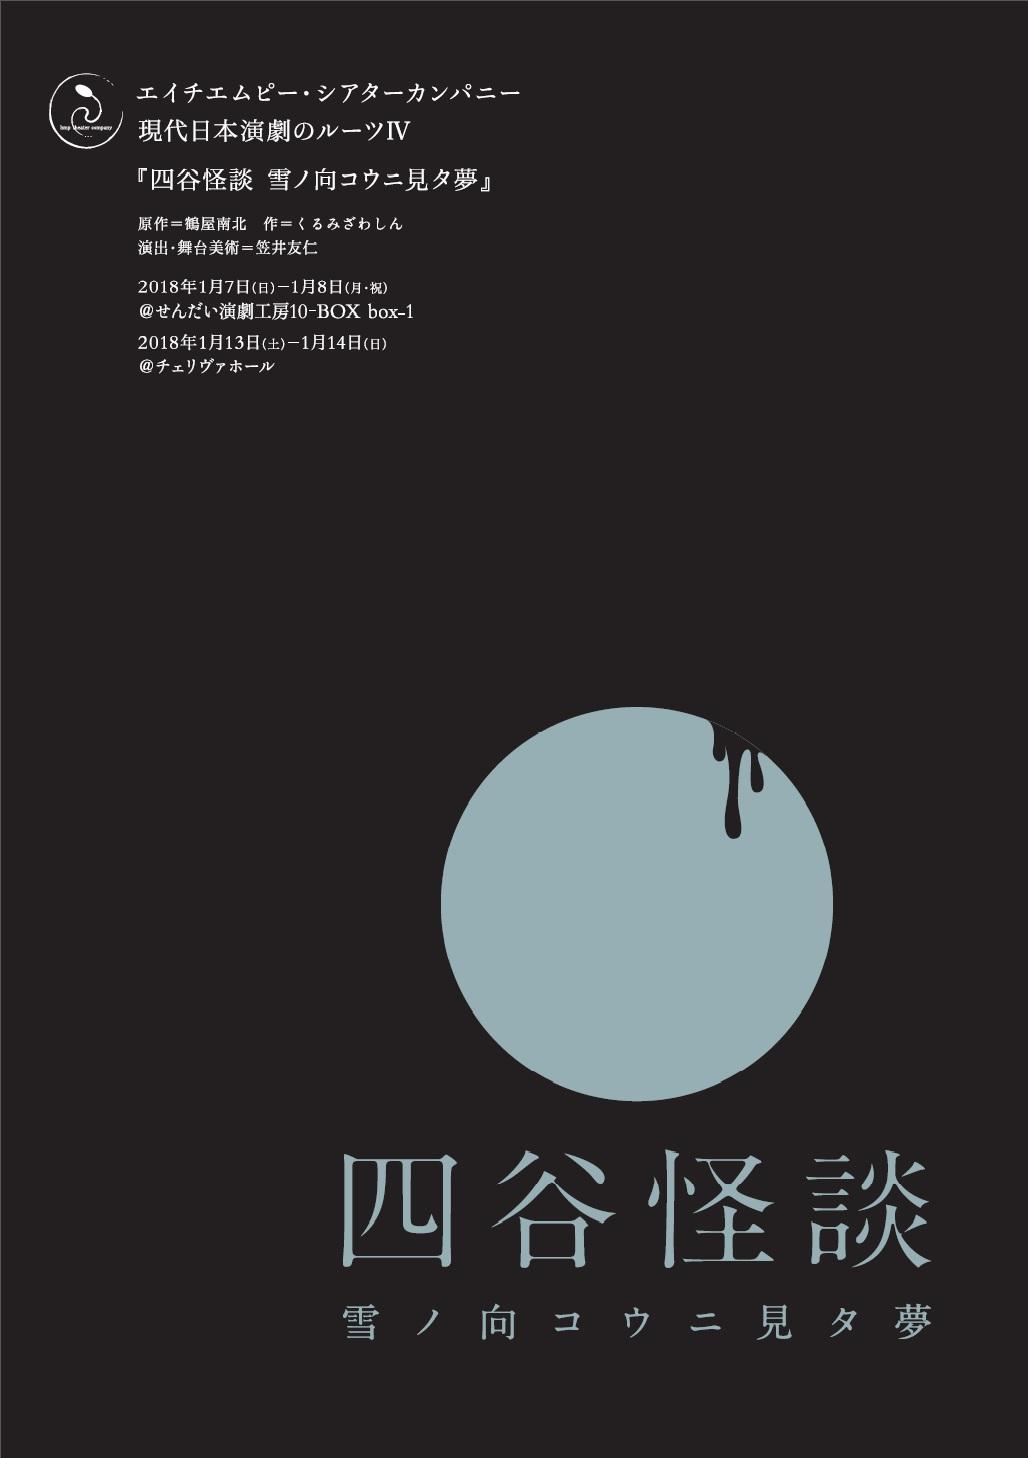 [共催事業]エイチエムピー・シアターカンパニー 現代日本演劇のルーツⅣ『四谷怪談 雪ノ向コウニ見タ夢』